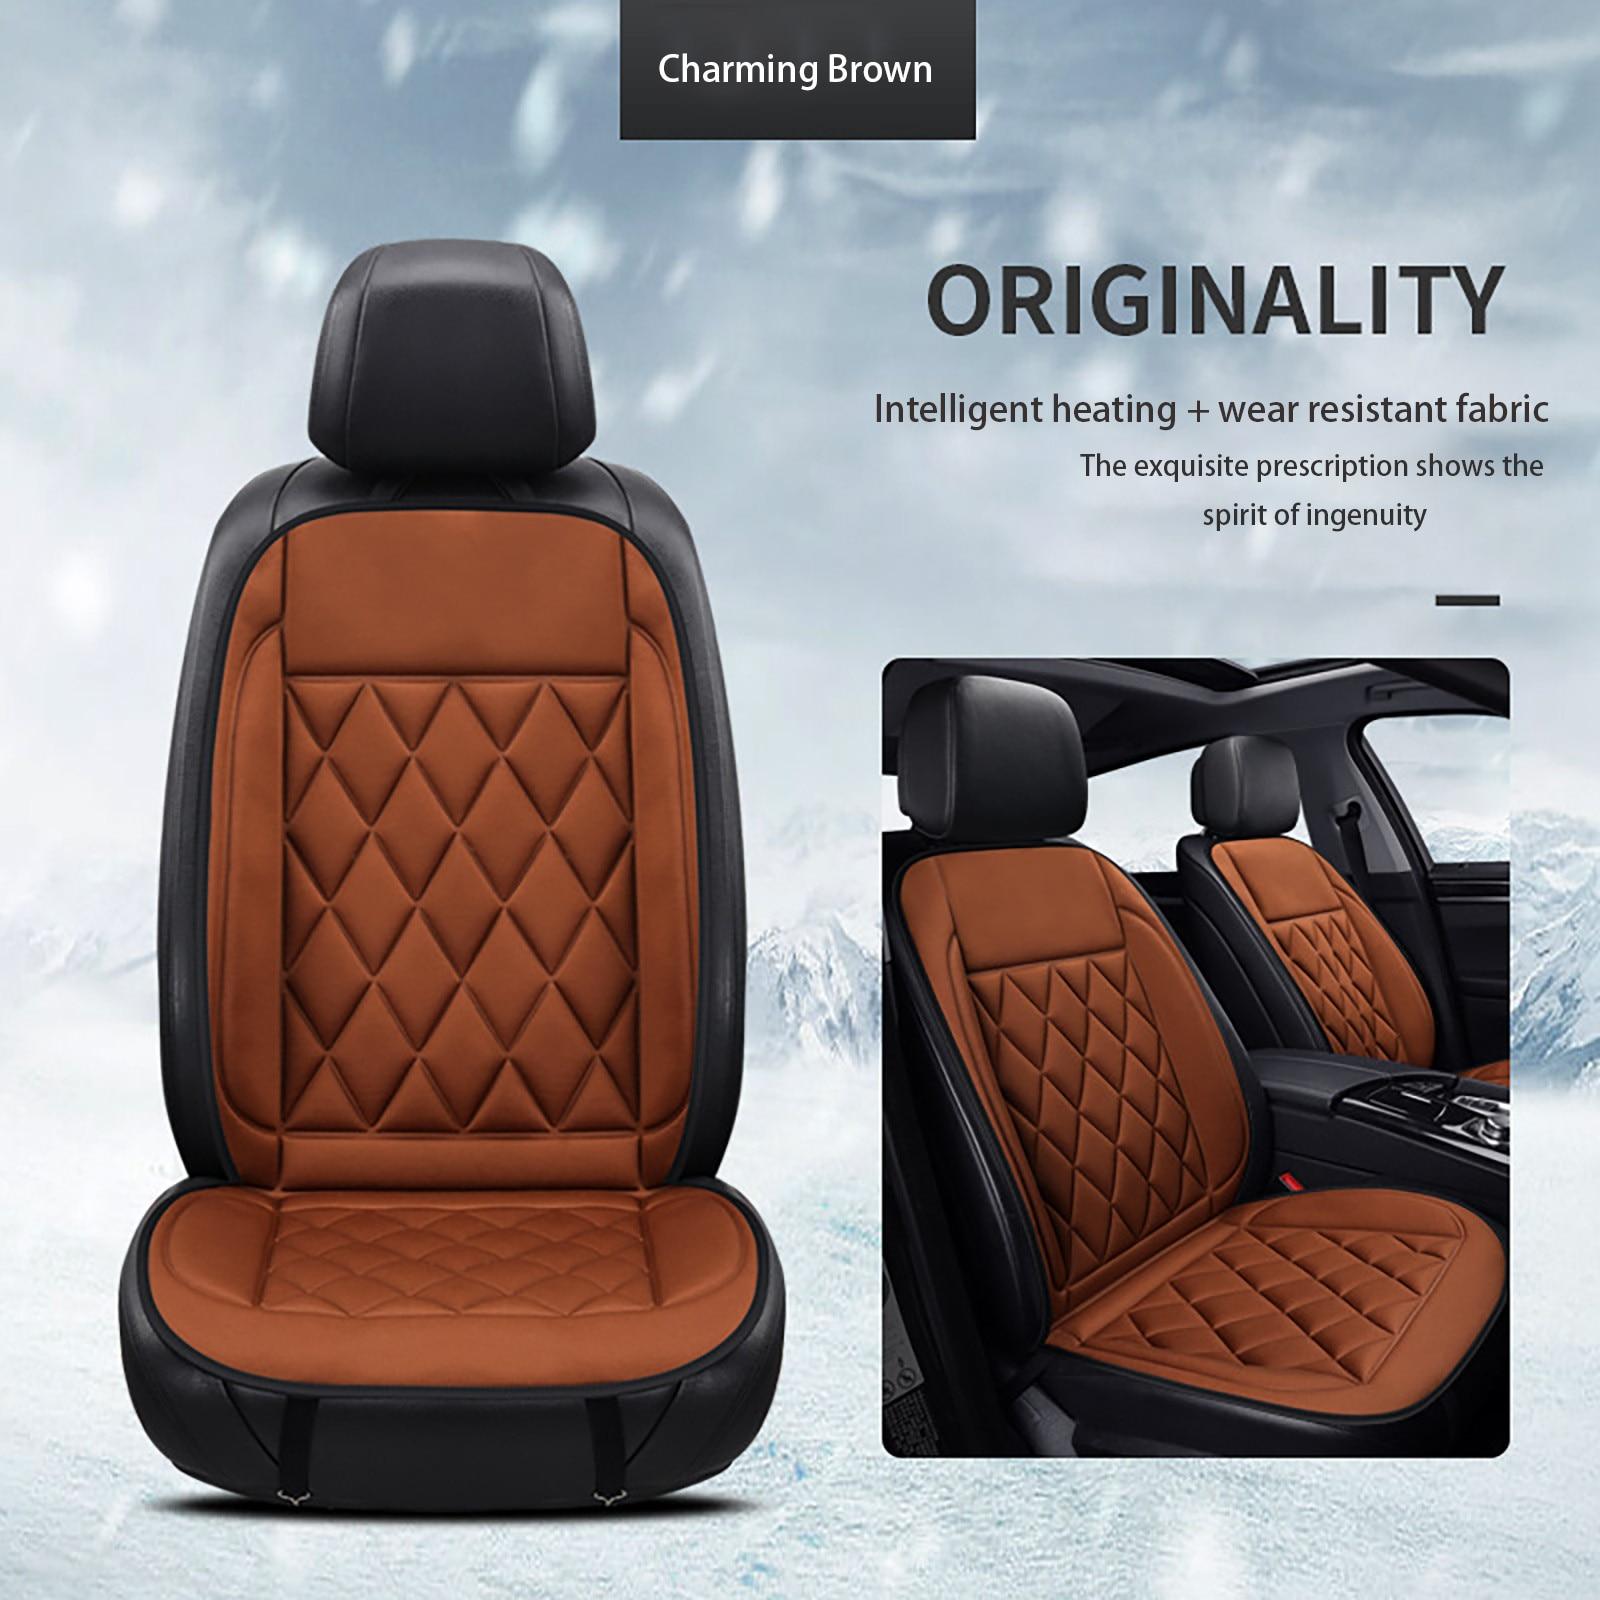 Housse de coussin chauffant pour voiture 12V hiver décoration intérieure de voiture chauffage électrique coussins chauds accessoires de voiture livraison directe